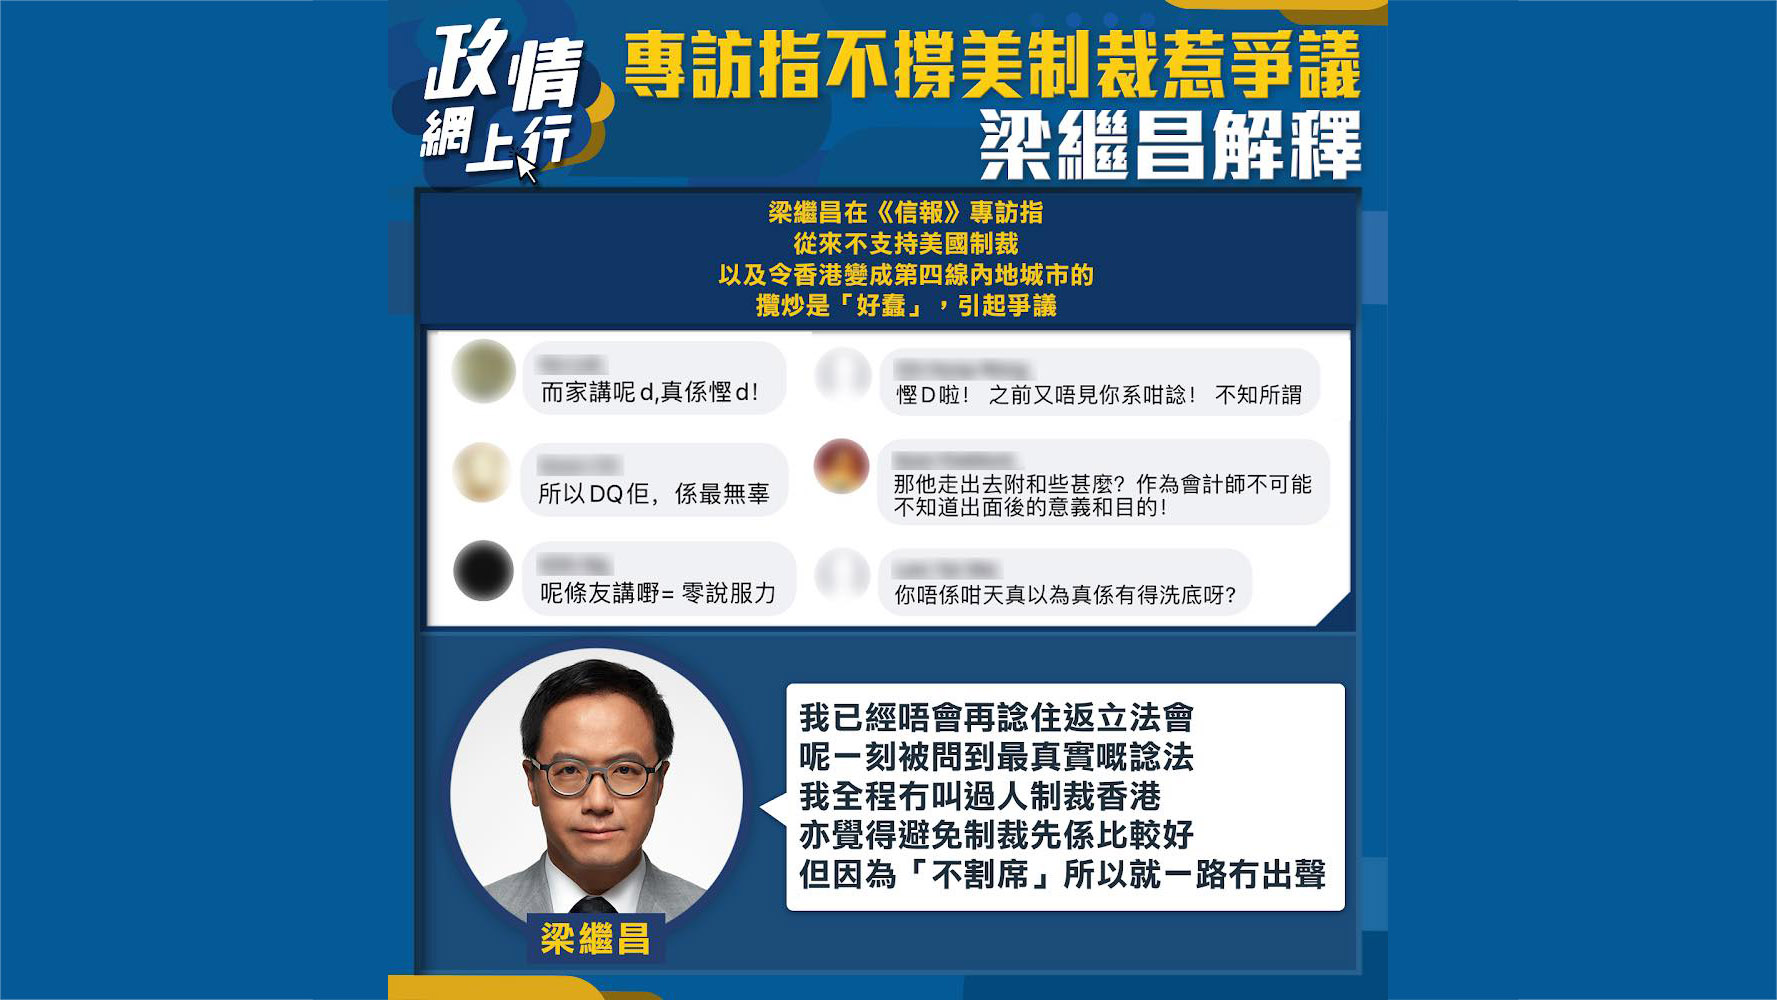 【政情網上行】專訪指不撐美制裁惹爭議 梁繼昌解釋